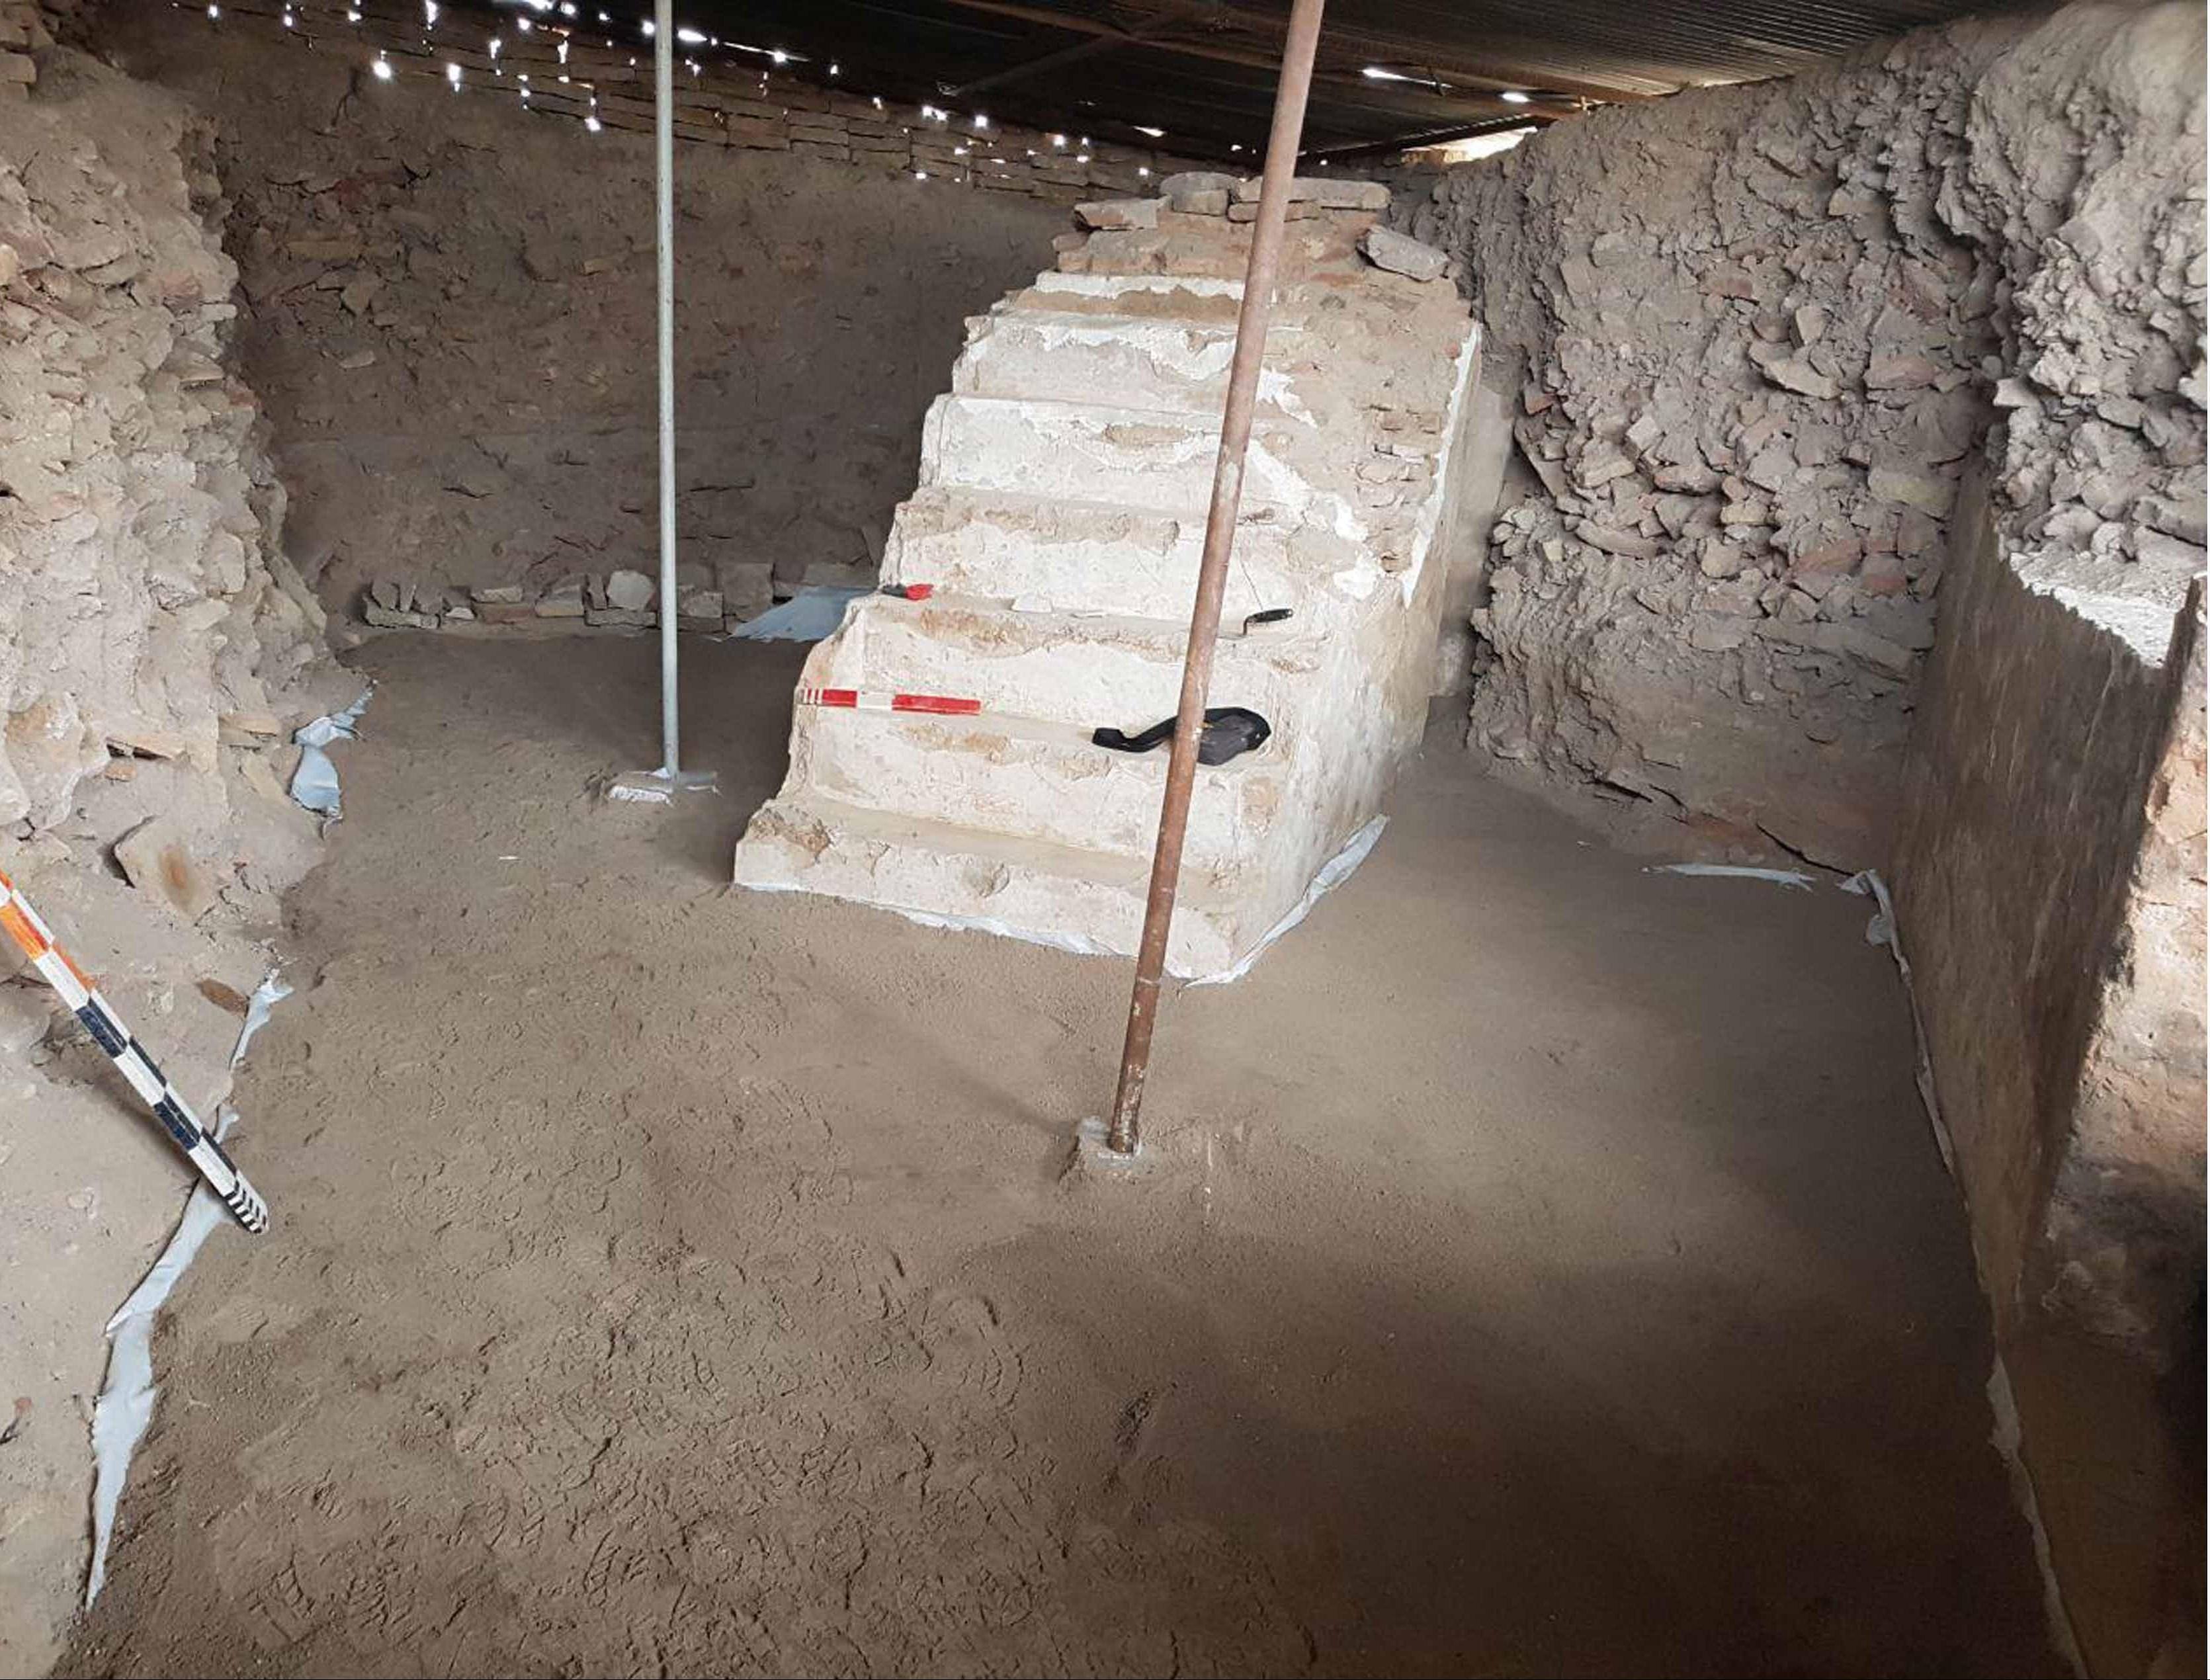 کشف منبر تاریخی مسجدی در ایران از زیرخاک +عکس